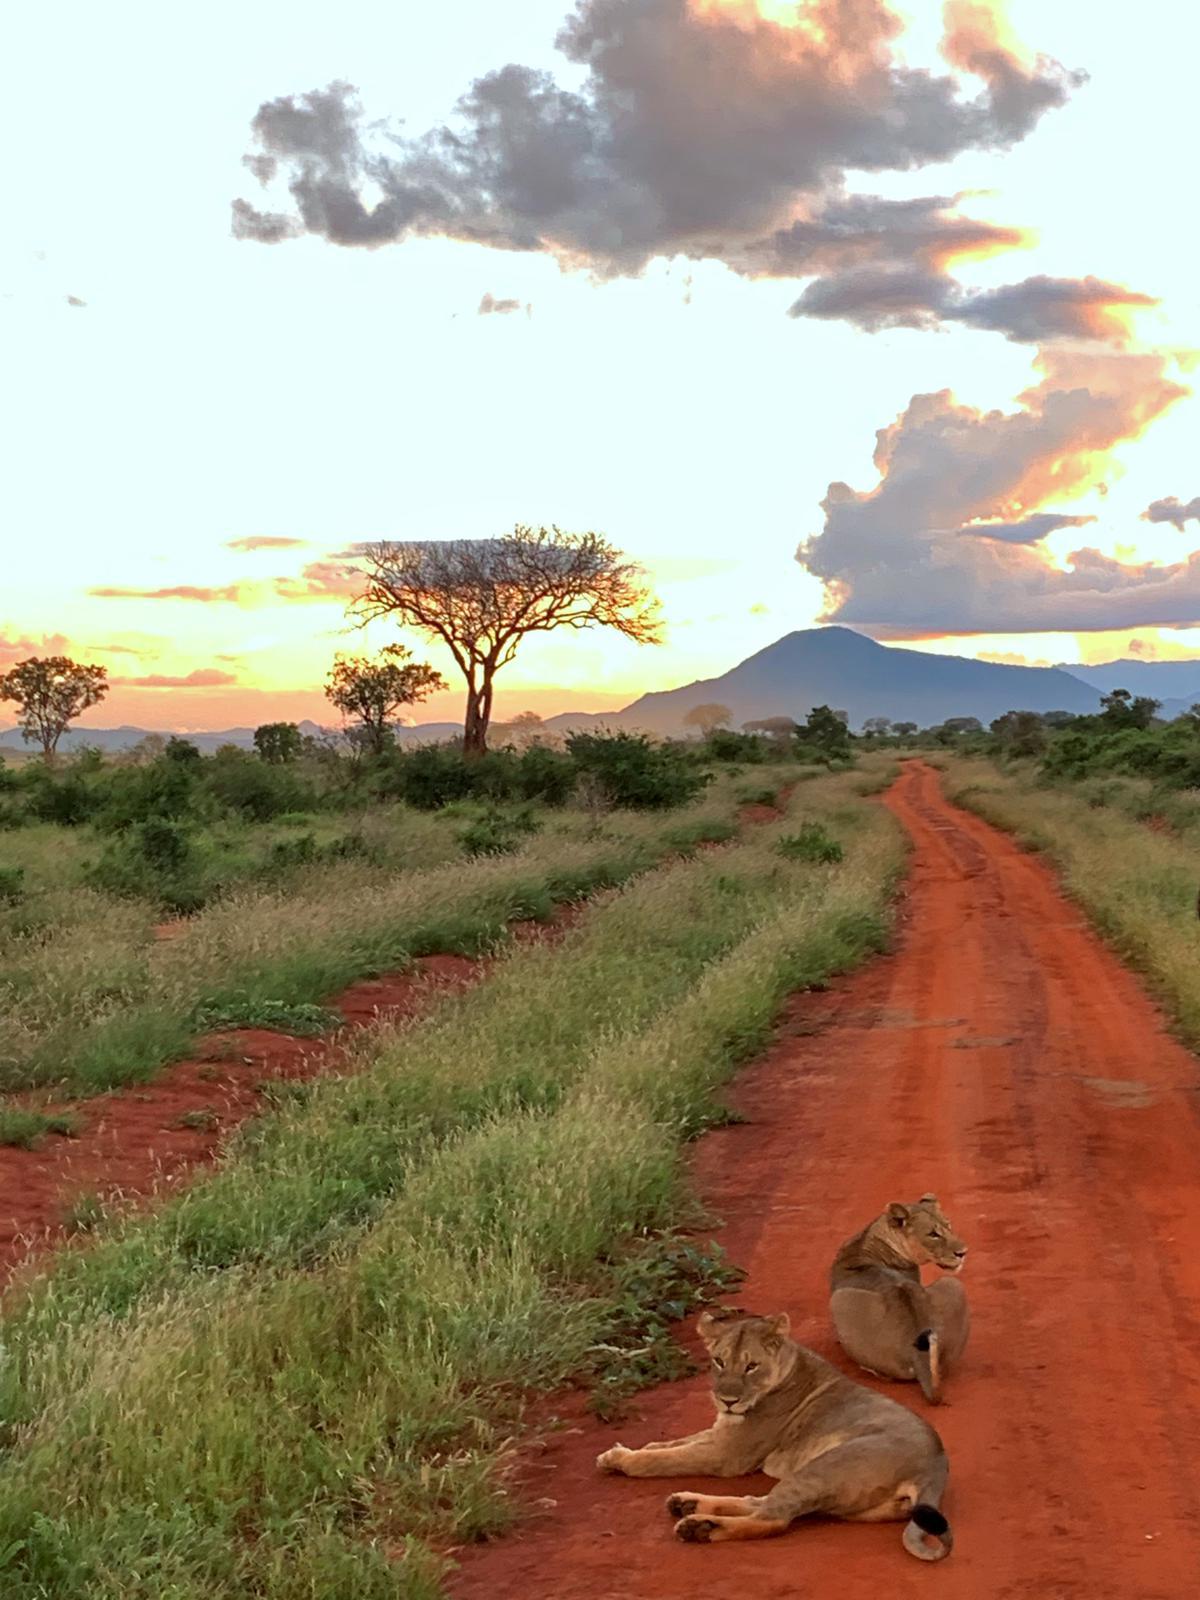 WhatsApp Image 2019 12 16 at 13.45.28 - Safari Samburu . Olpejeta . Lago Nakuru . Lago Bogoria . Lago Naivasha . Masai Mara . Nairobi . Amboseli . Tsavo Ovest . Taita Hills . Tsavo Est